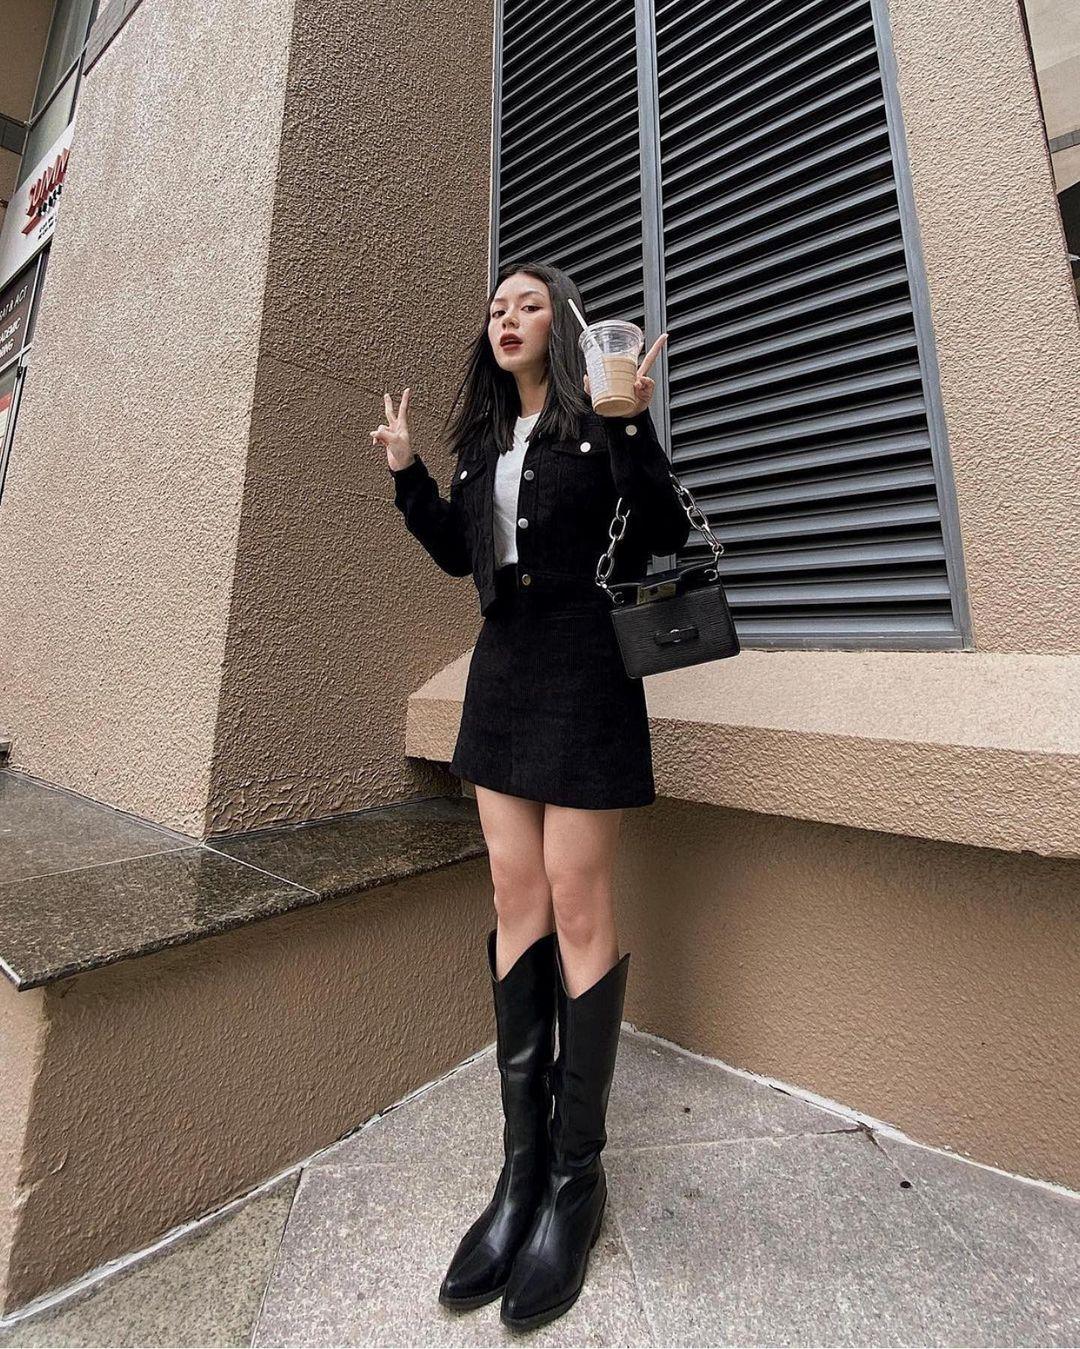 Sài Gòn lạnh rồi, sắm ngay áo khoác trendy từ 400k - Ảnh 7.